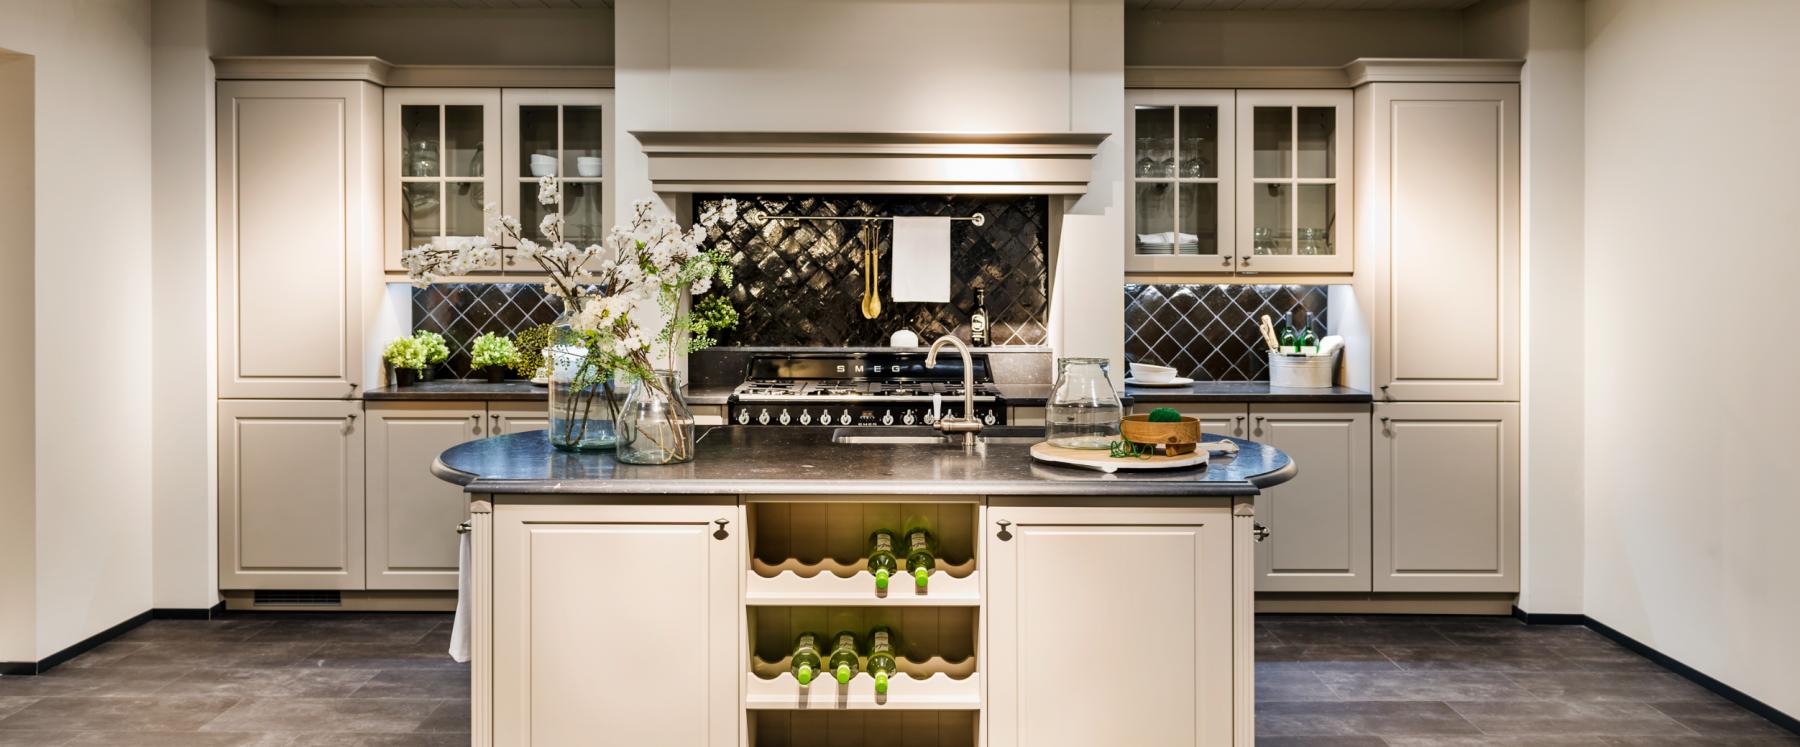 traditionele keuken met authentieke elementen